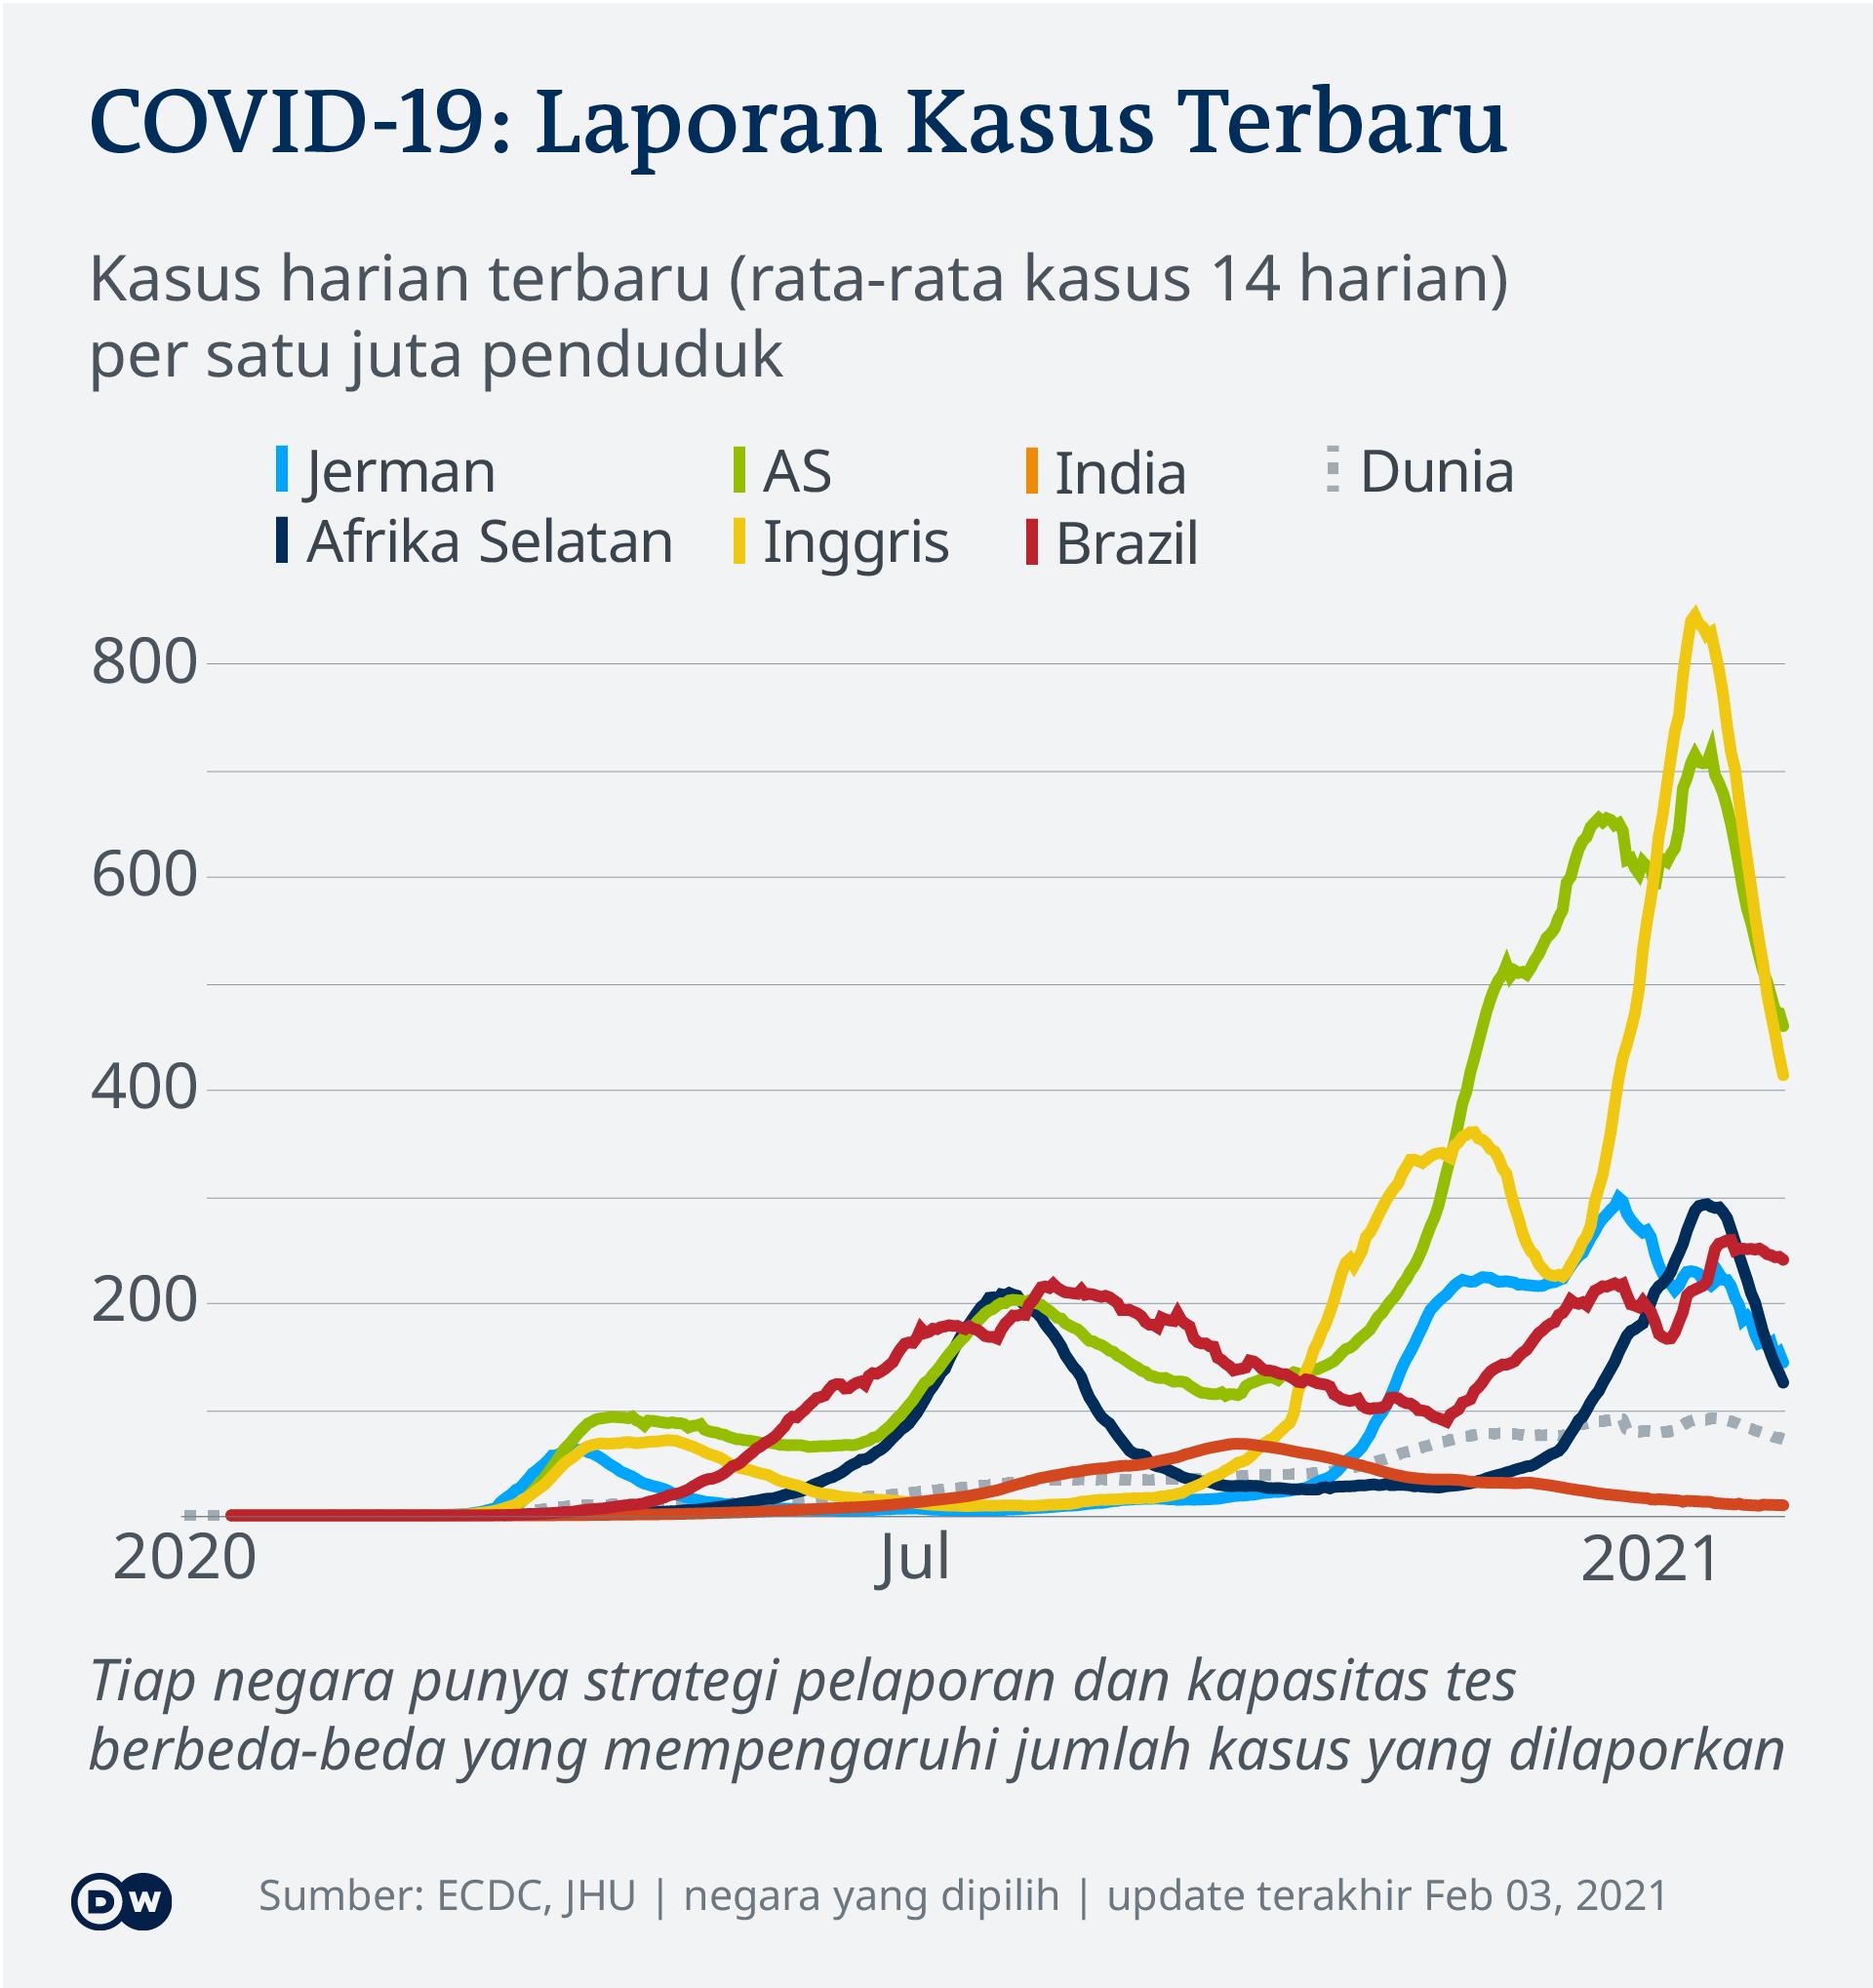 Perkembangan infeksi Covid-19 di beberapa negara, sampai 3 Februari 2021